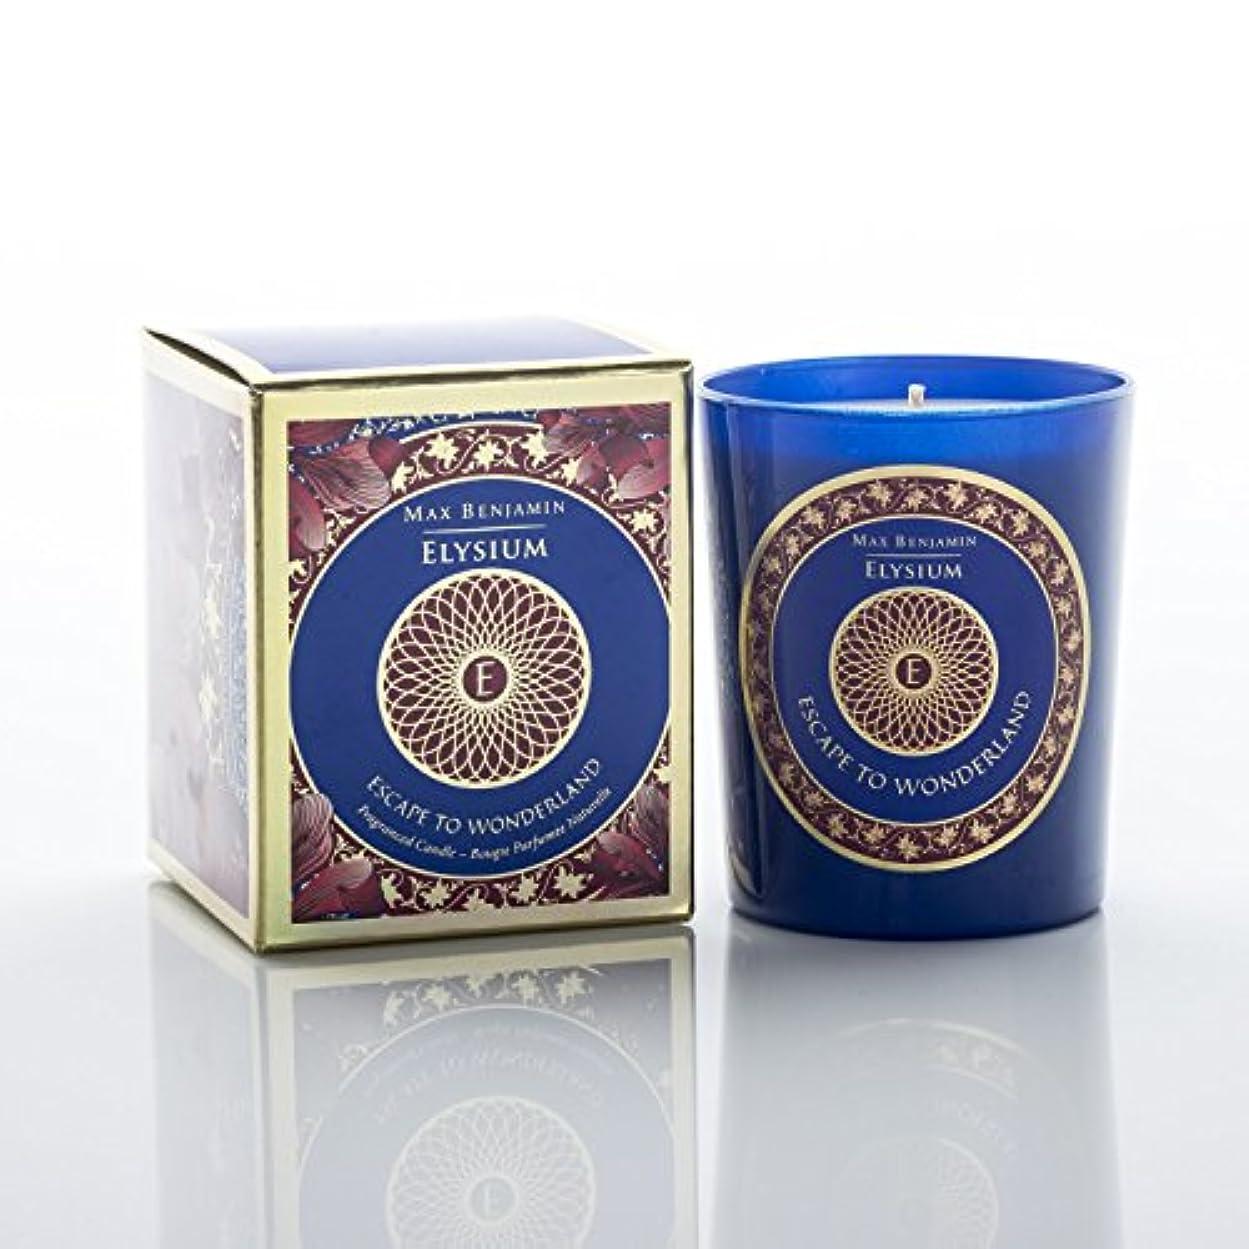 意識的スリンクアシスタントMax Benjamin Elysium Candle香りつき190 gガラスJar MB-EC3